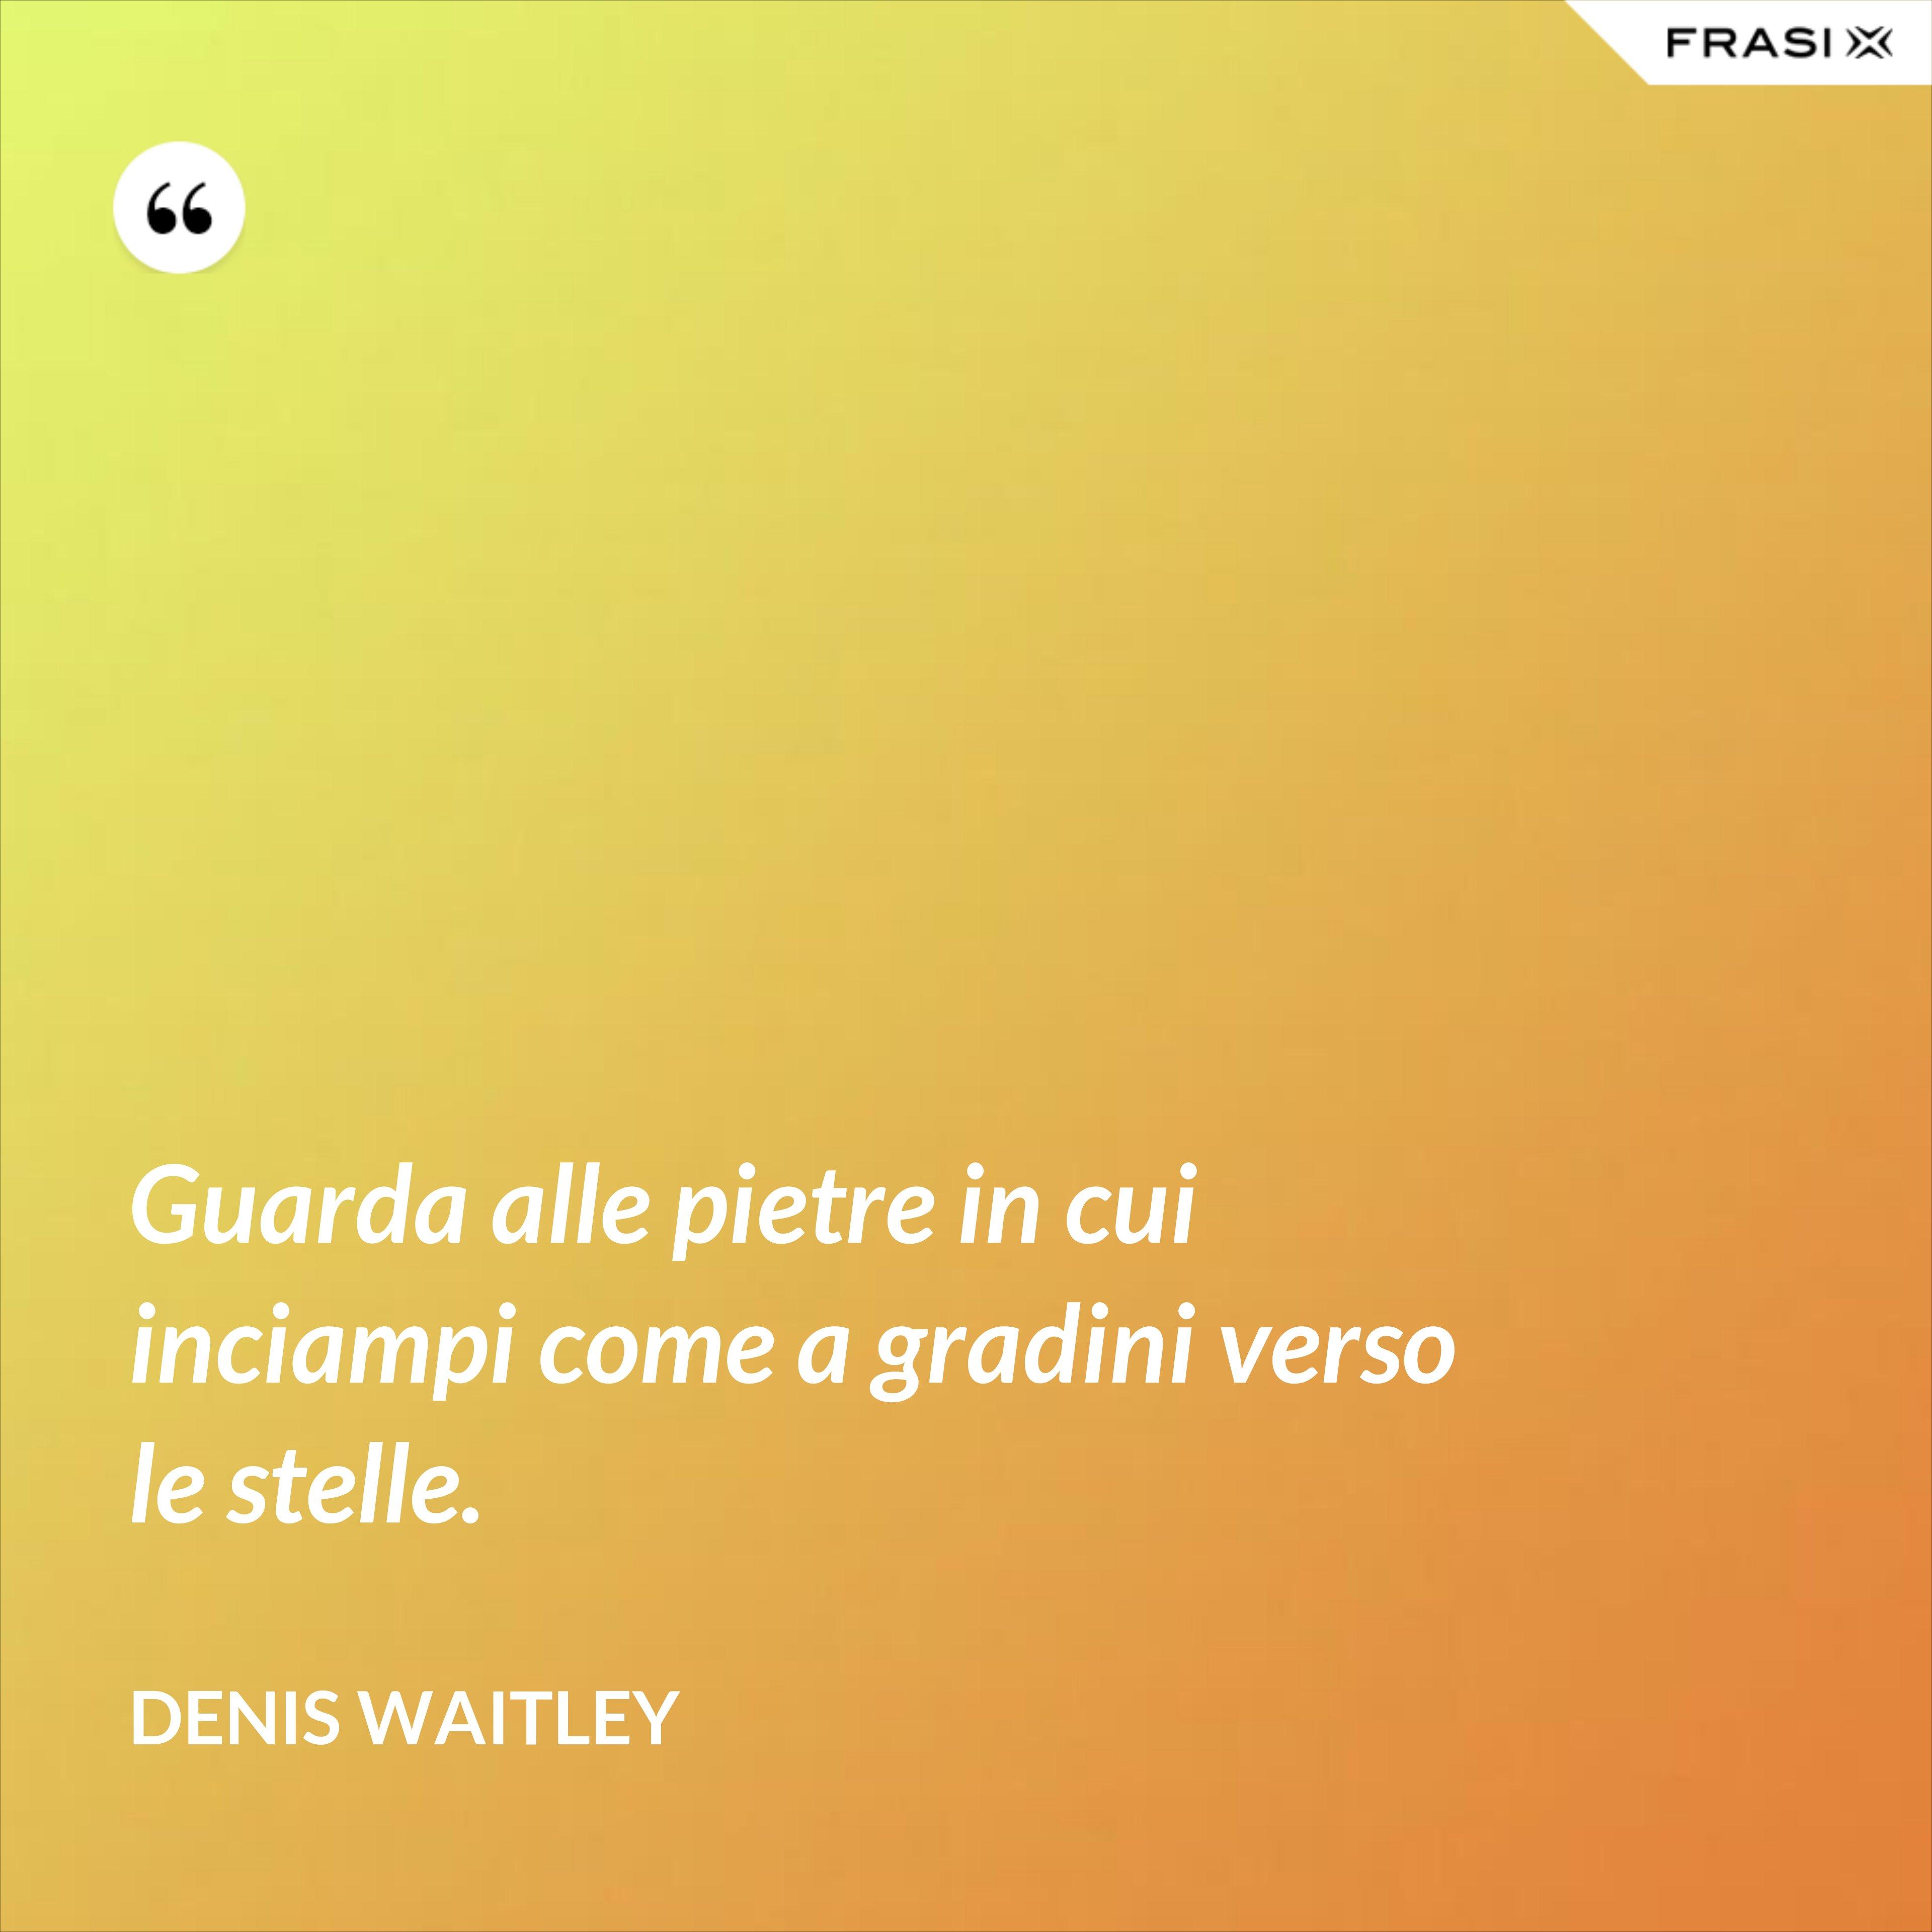 Guarda alle pietre in cui inciampi come a gradini verso le stelle. - Denis Waitley